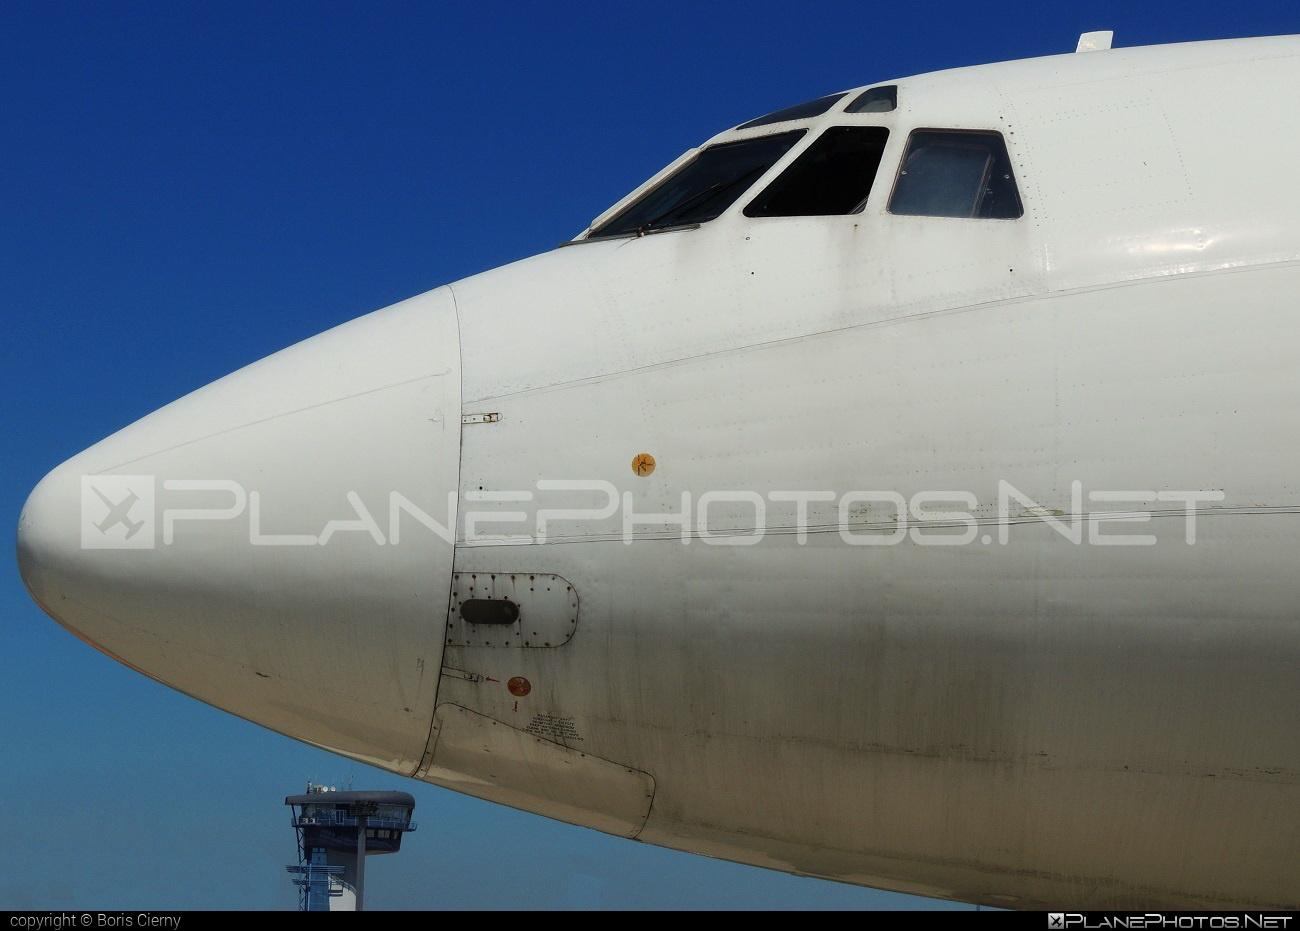 Tupolev Tu-154M - OM-BYR operated by Letecký útvar MV SR (Slovak Government Flying Service) #SlovakGovernmentFlyingService #leteckyutvarMVSR #tu154 #tu154m #tupolev